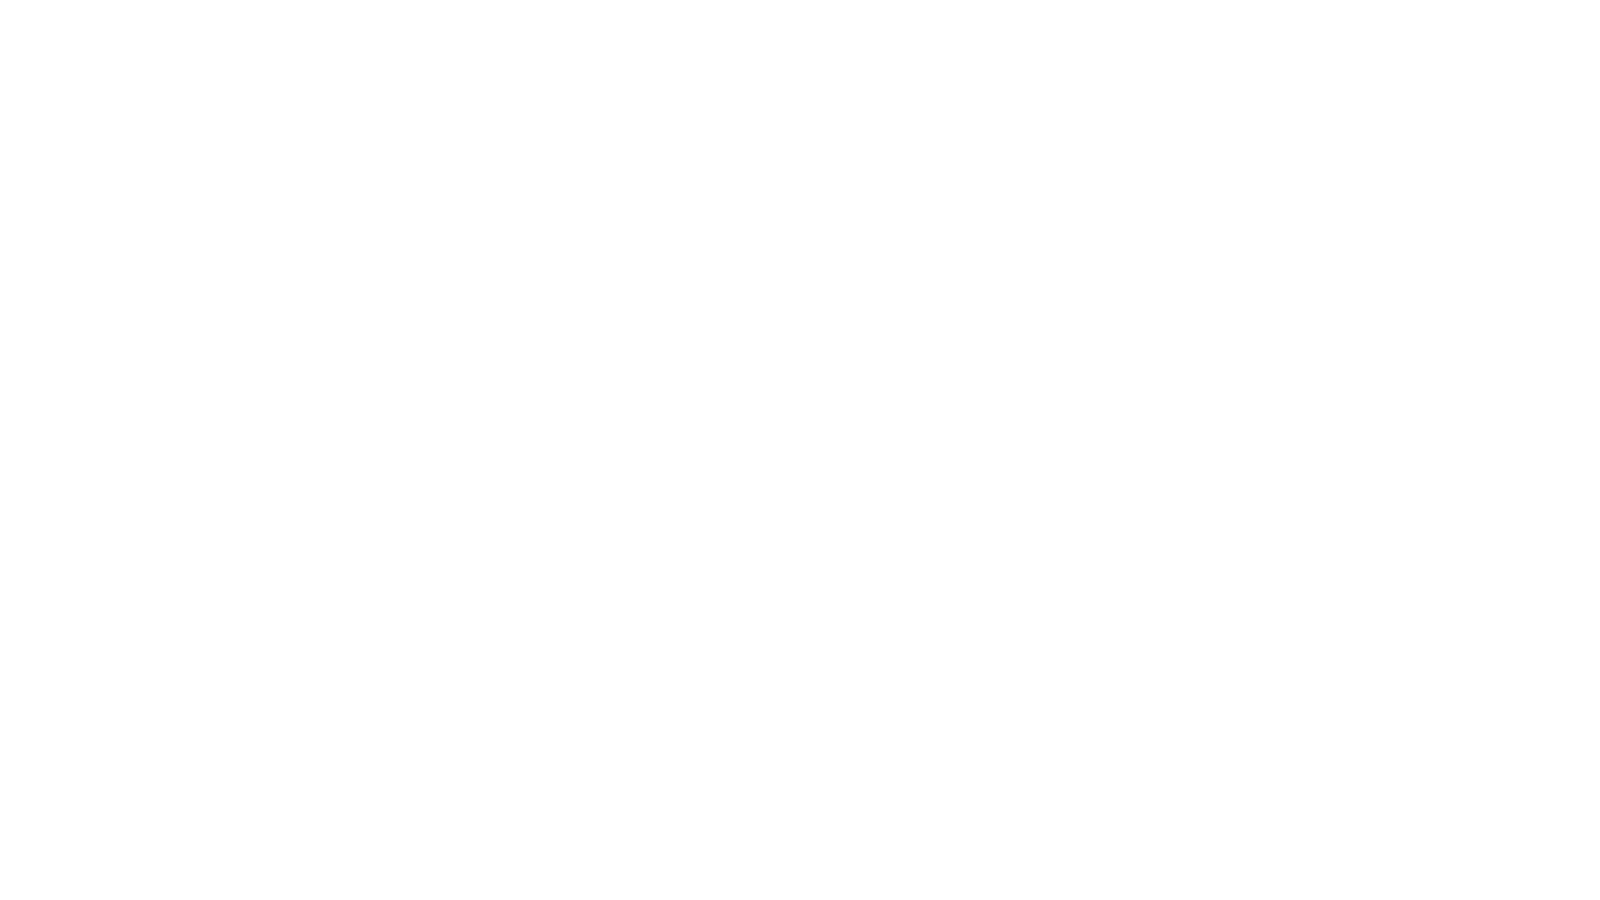 Eesti Spordiselts Kalev Jalgrattakool on asutatud 1969 aastal ja läbi aastate on rattakool olnud Eesti edukaim. Kooli kuulsaim kasvandik on kahtlemata kahekordne olümpiavõitja Erika Salumäe, samuti on terve plejaad endise Nõukogude Liidu meistreid: Oleg Ljadov, Tõnu Teesalu, Urmas Tölp, Lauri Resik, Sven Lill jpt.  2018 aastal taotles rattakool PRIA ja Leader programmist toetust treeningvahendite soetamiseks. Selle raames sai rattakool 20 rullikut ja ka erinevaid rattaid: 10 maanteeratast, 10 tsükloratast ja 10 bmx ratast.  Tänaseks on kõik treeningvahendid noortele koju kätte jagatud ja ajale kohaselt kohtub treener õpilastega virtuaaltreeningul. Esimesed treeningud virtuaalselt on 16 õpilasega tehtud ja rattakool jagas motiveerivat videoklippi! Tubli eeskuju ja hea mõte!